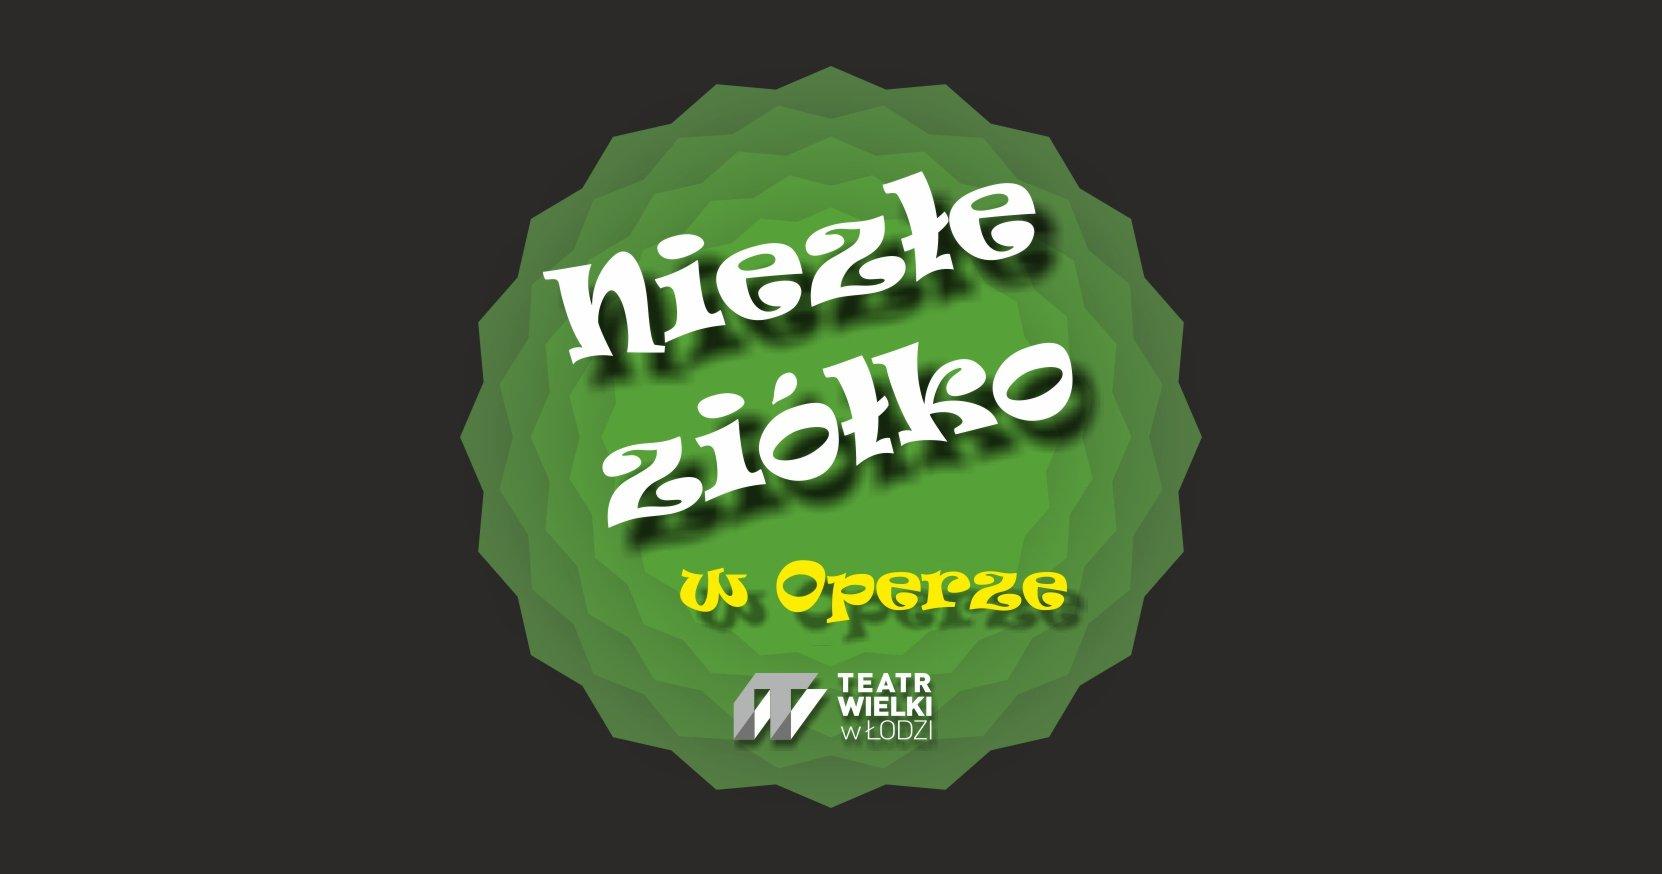 Niezłe ziółko - warsztaty zielarskie w Teatrze Wielkim w Łodzi